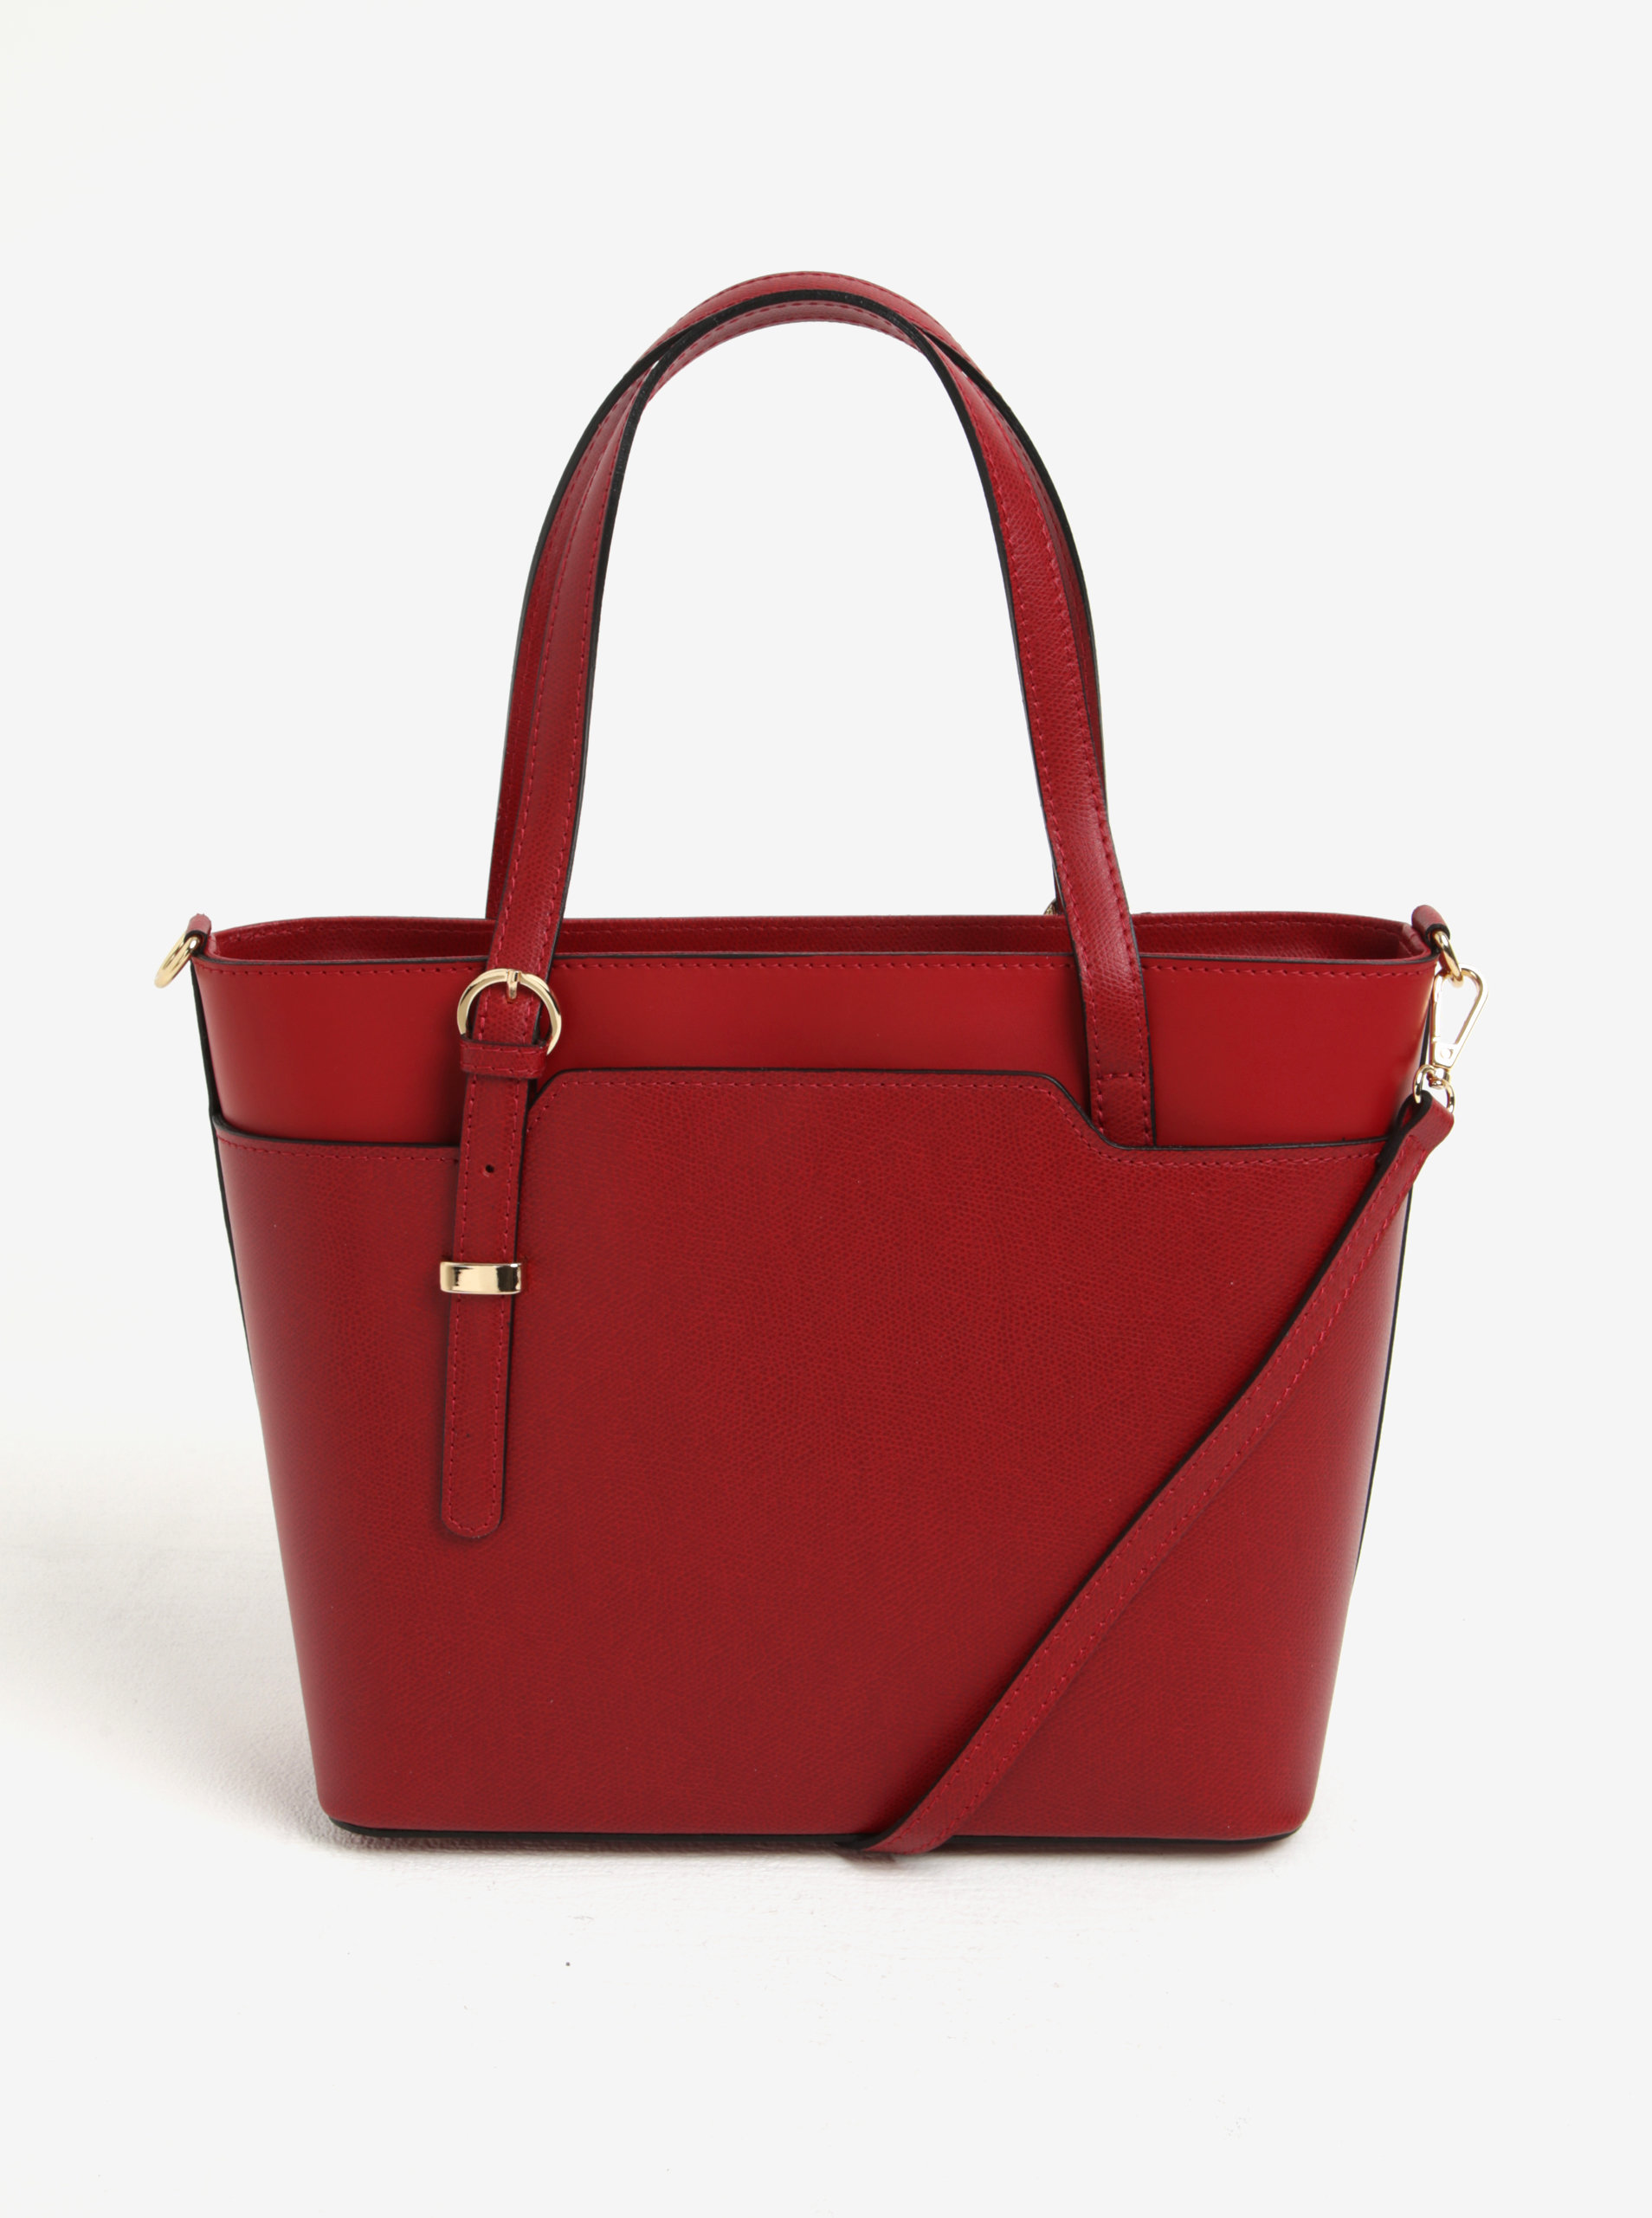 89d687fe36 Červená dámska kožená kabelka do ruky crossbody kabelka s hadím vzorom KARA  ...